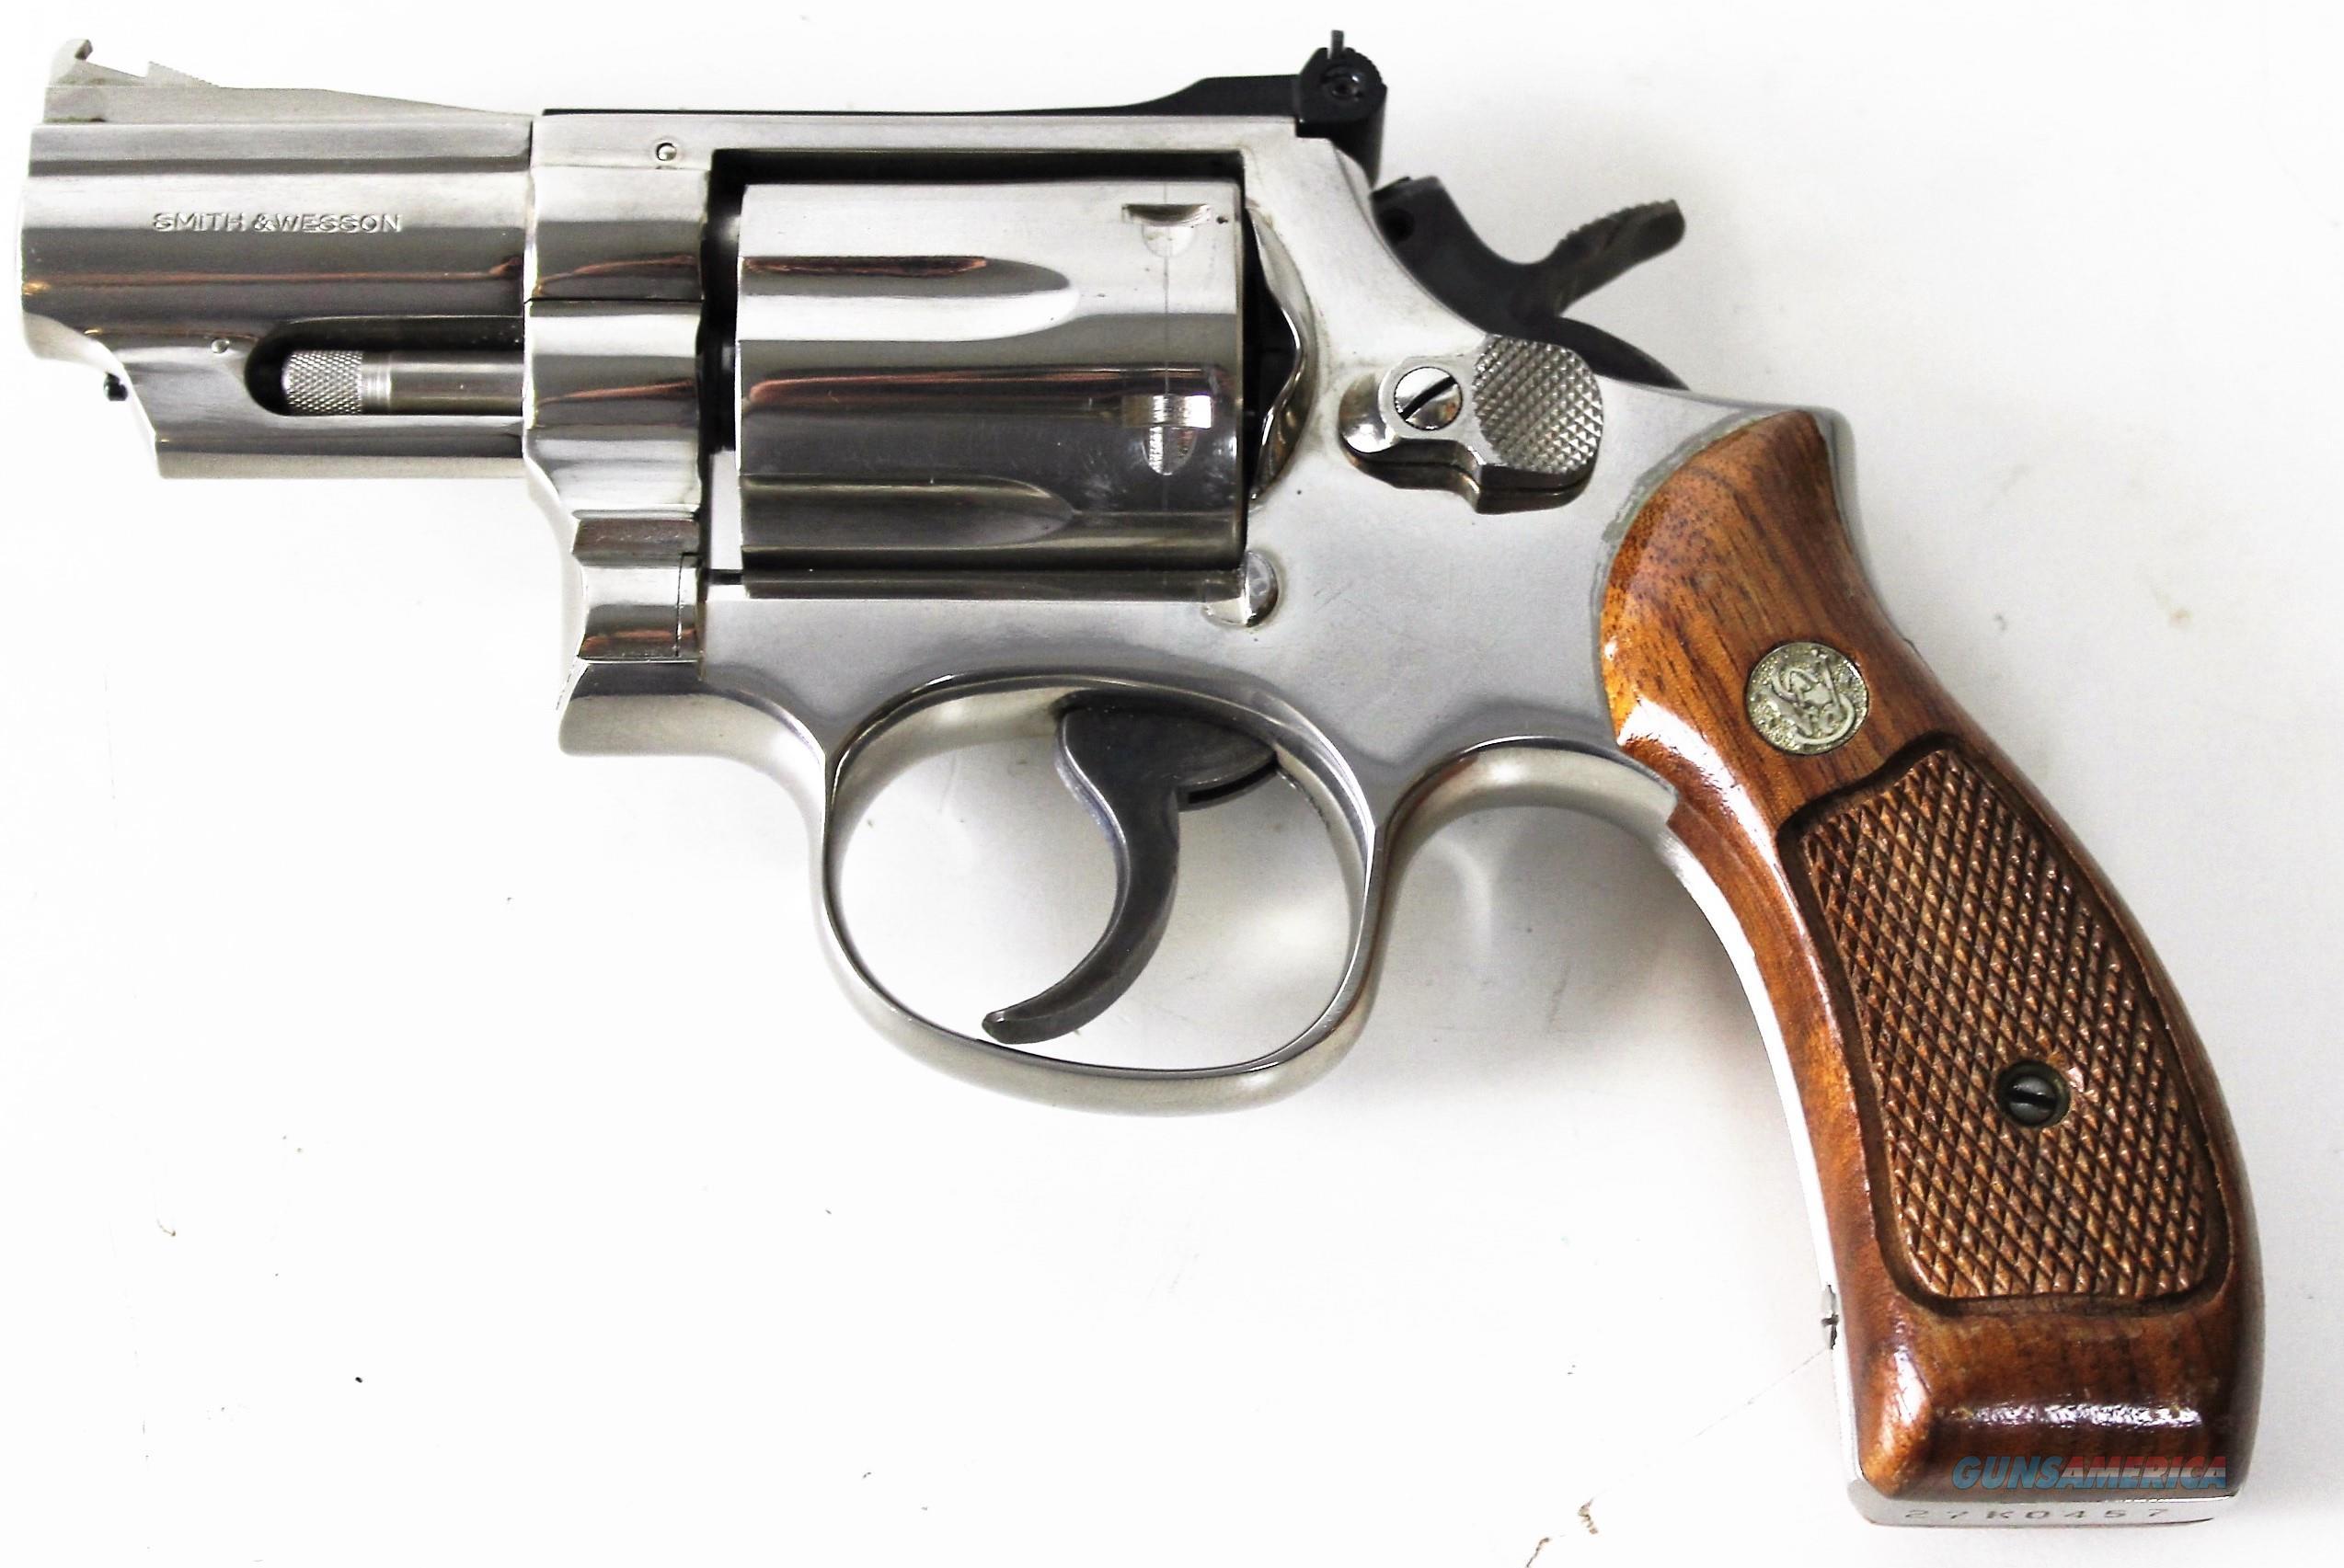 советское смит вессон револьвер модели фото метрики вышивают, такая